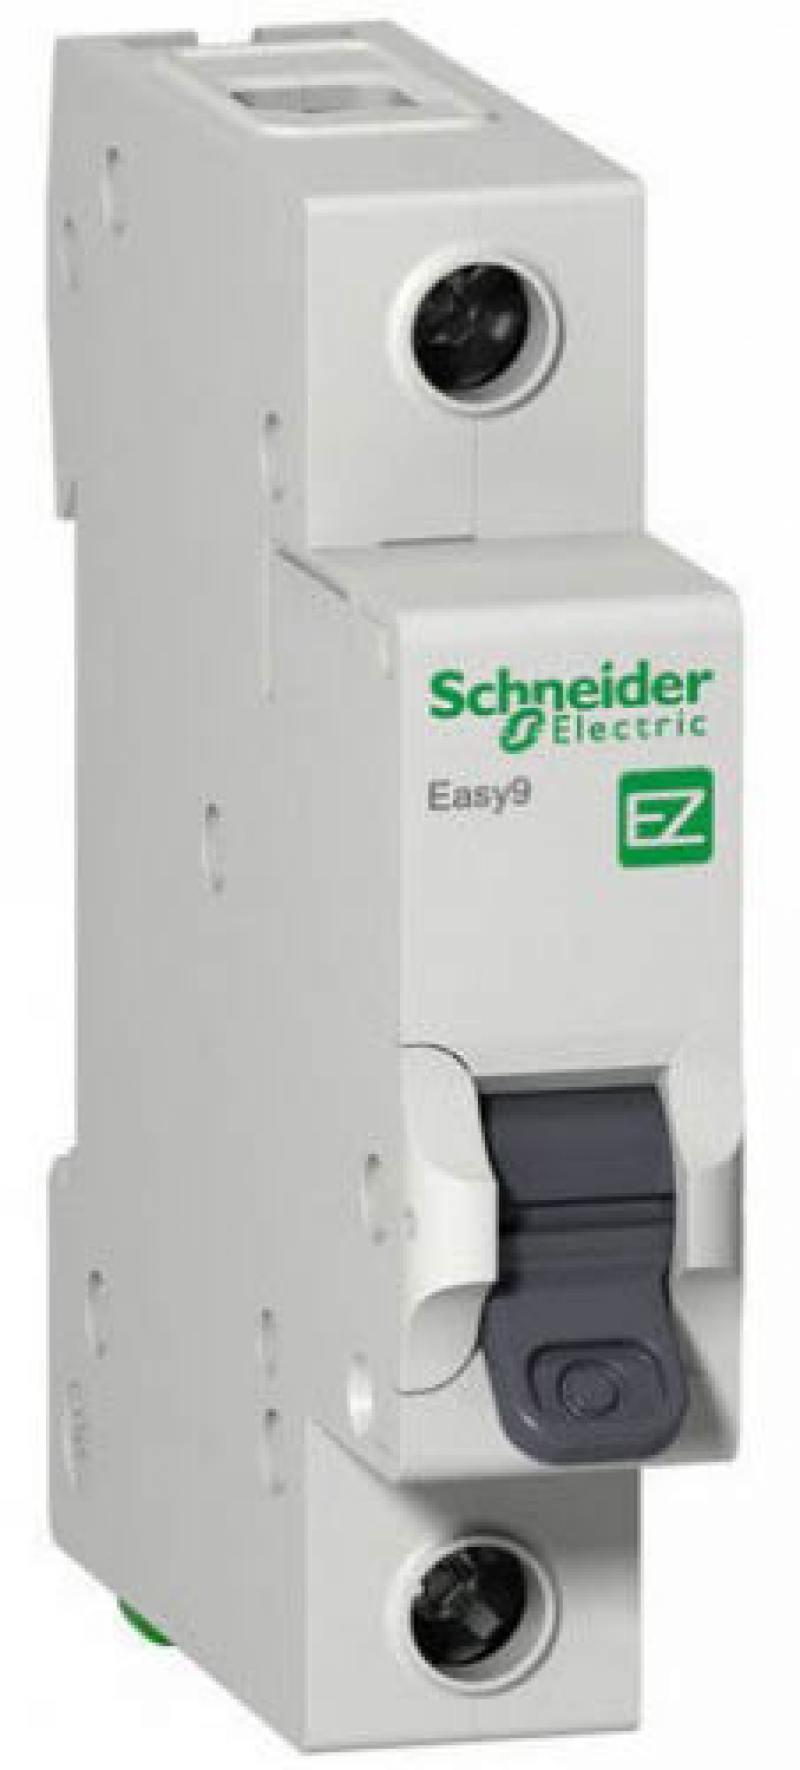 Автоматический выключатель Schneider Electric EASY 9 1П 20A C EZ9F34120 автоматический модульный выключатель easy 9 1п c 16а 4 5ка schneider electric ez9f34116